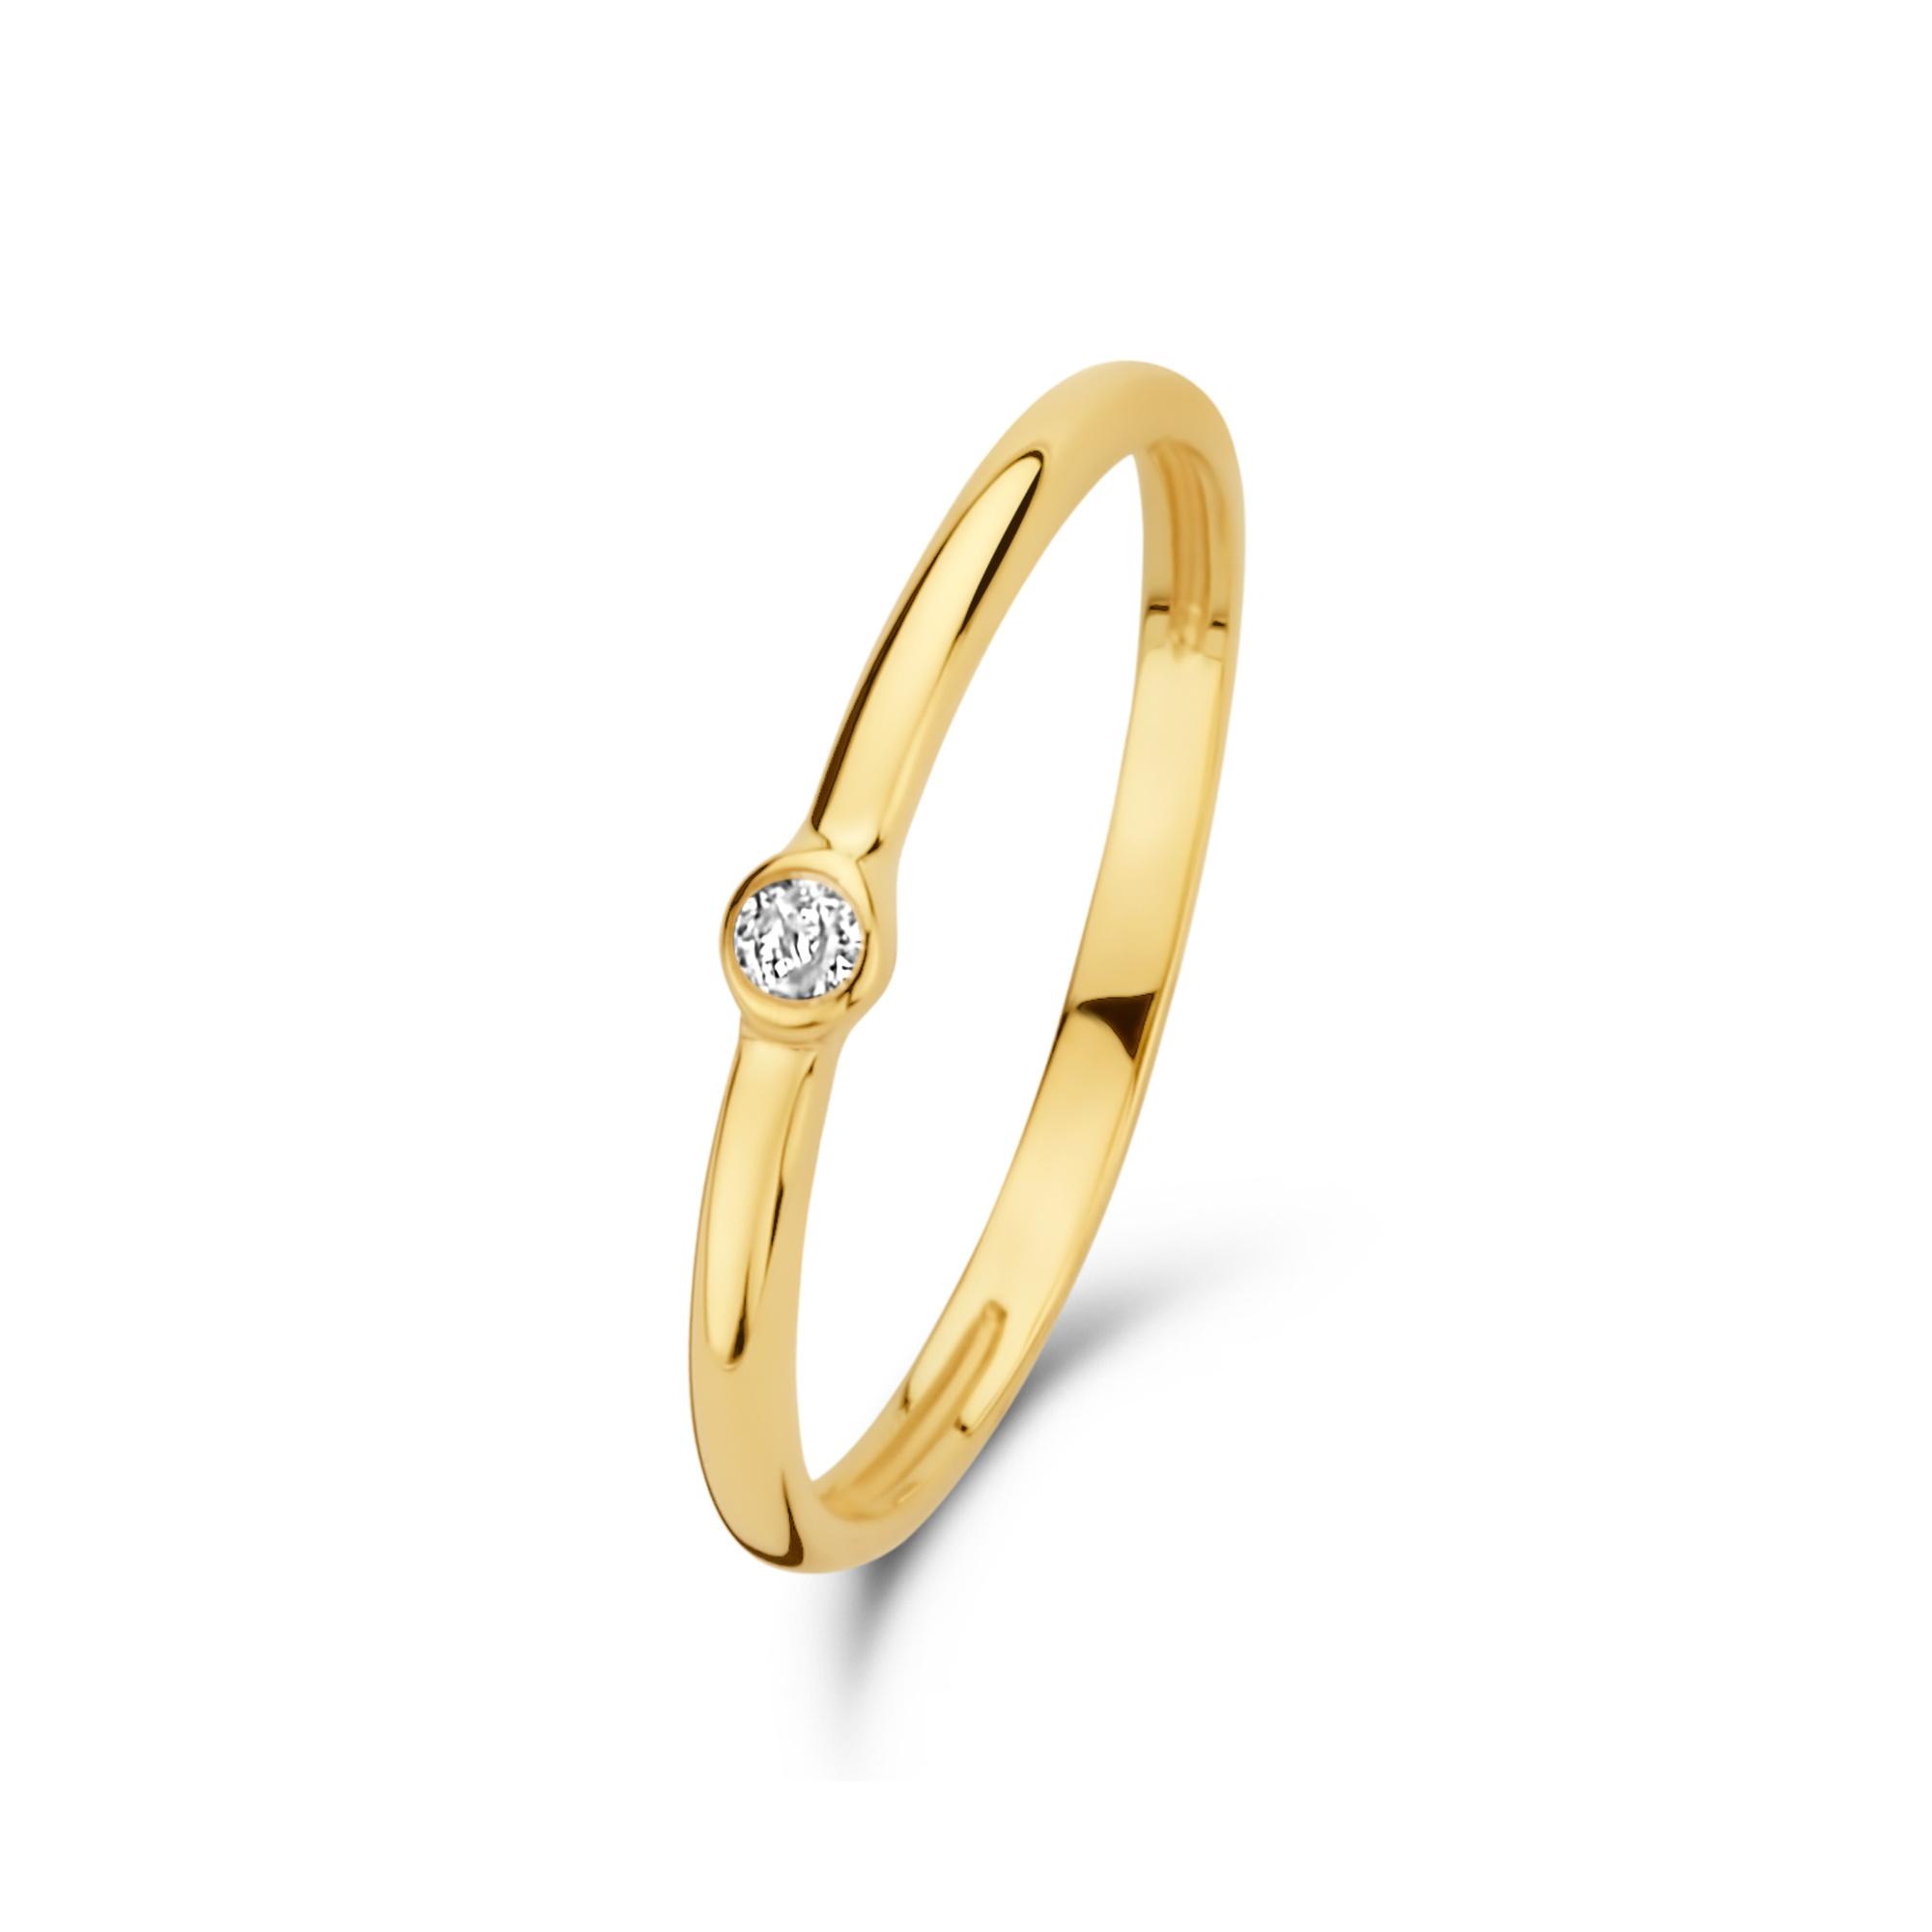 Isabel Bernard Asterope Solitary 14 karat guld stapling ring